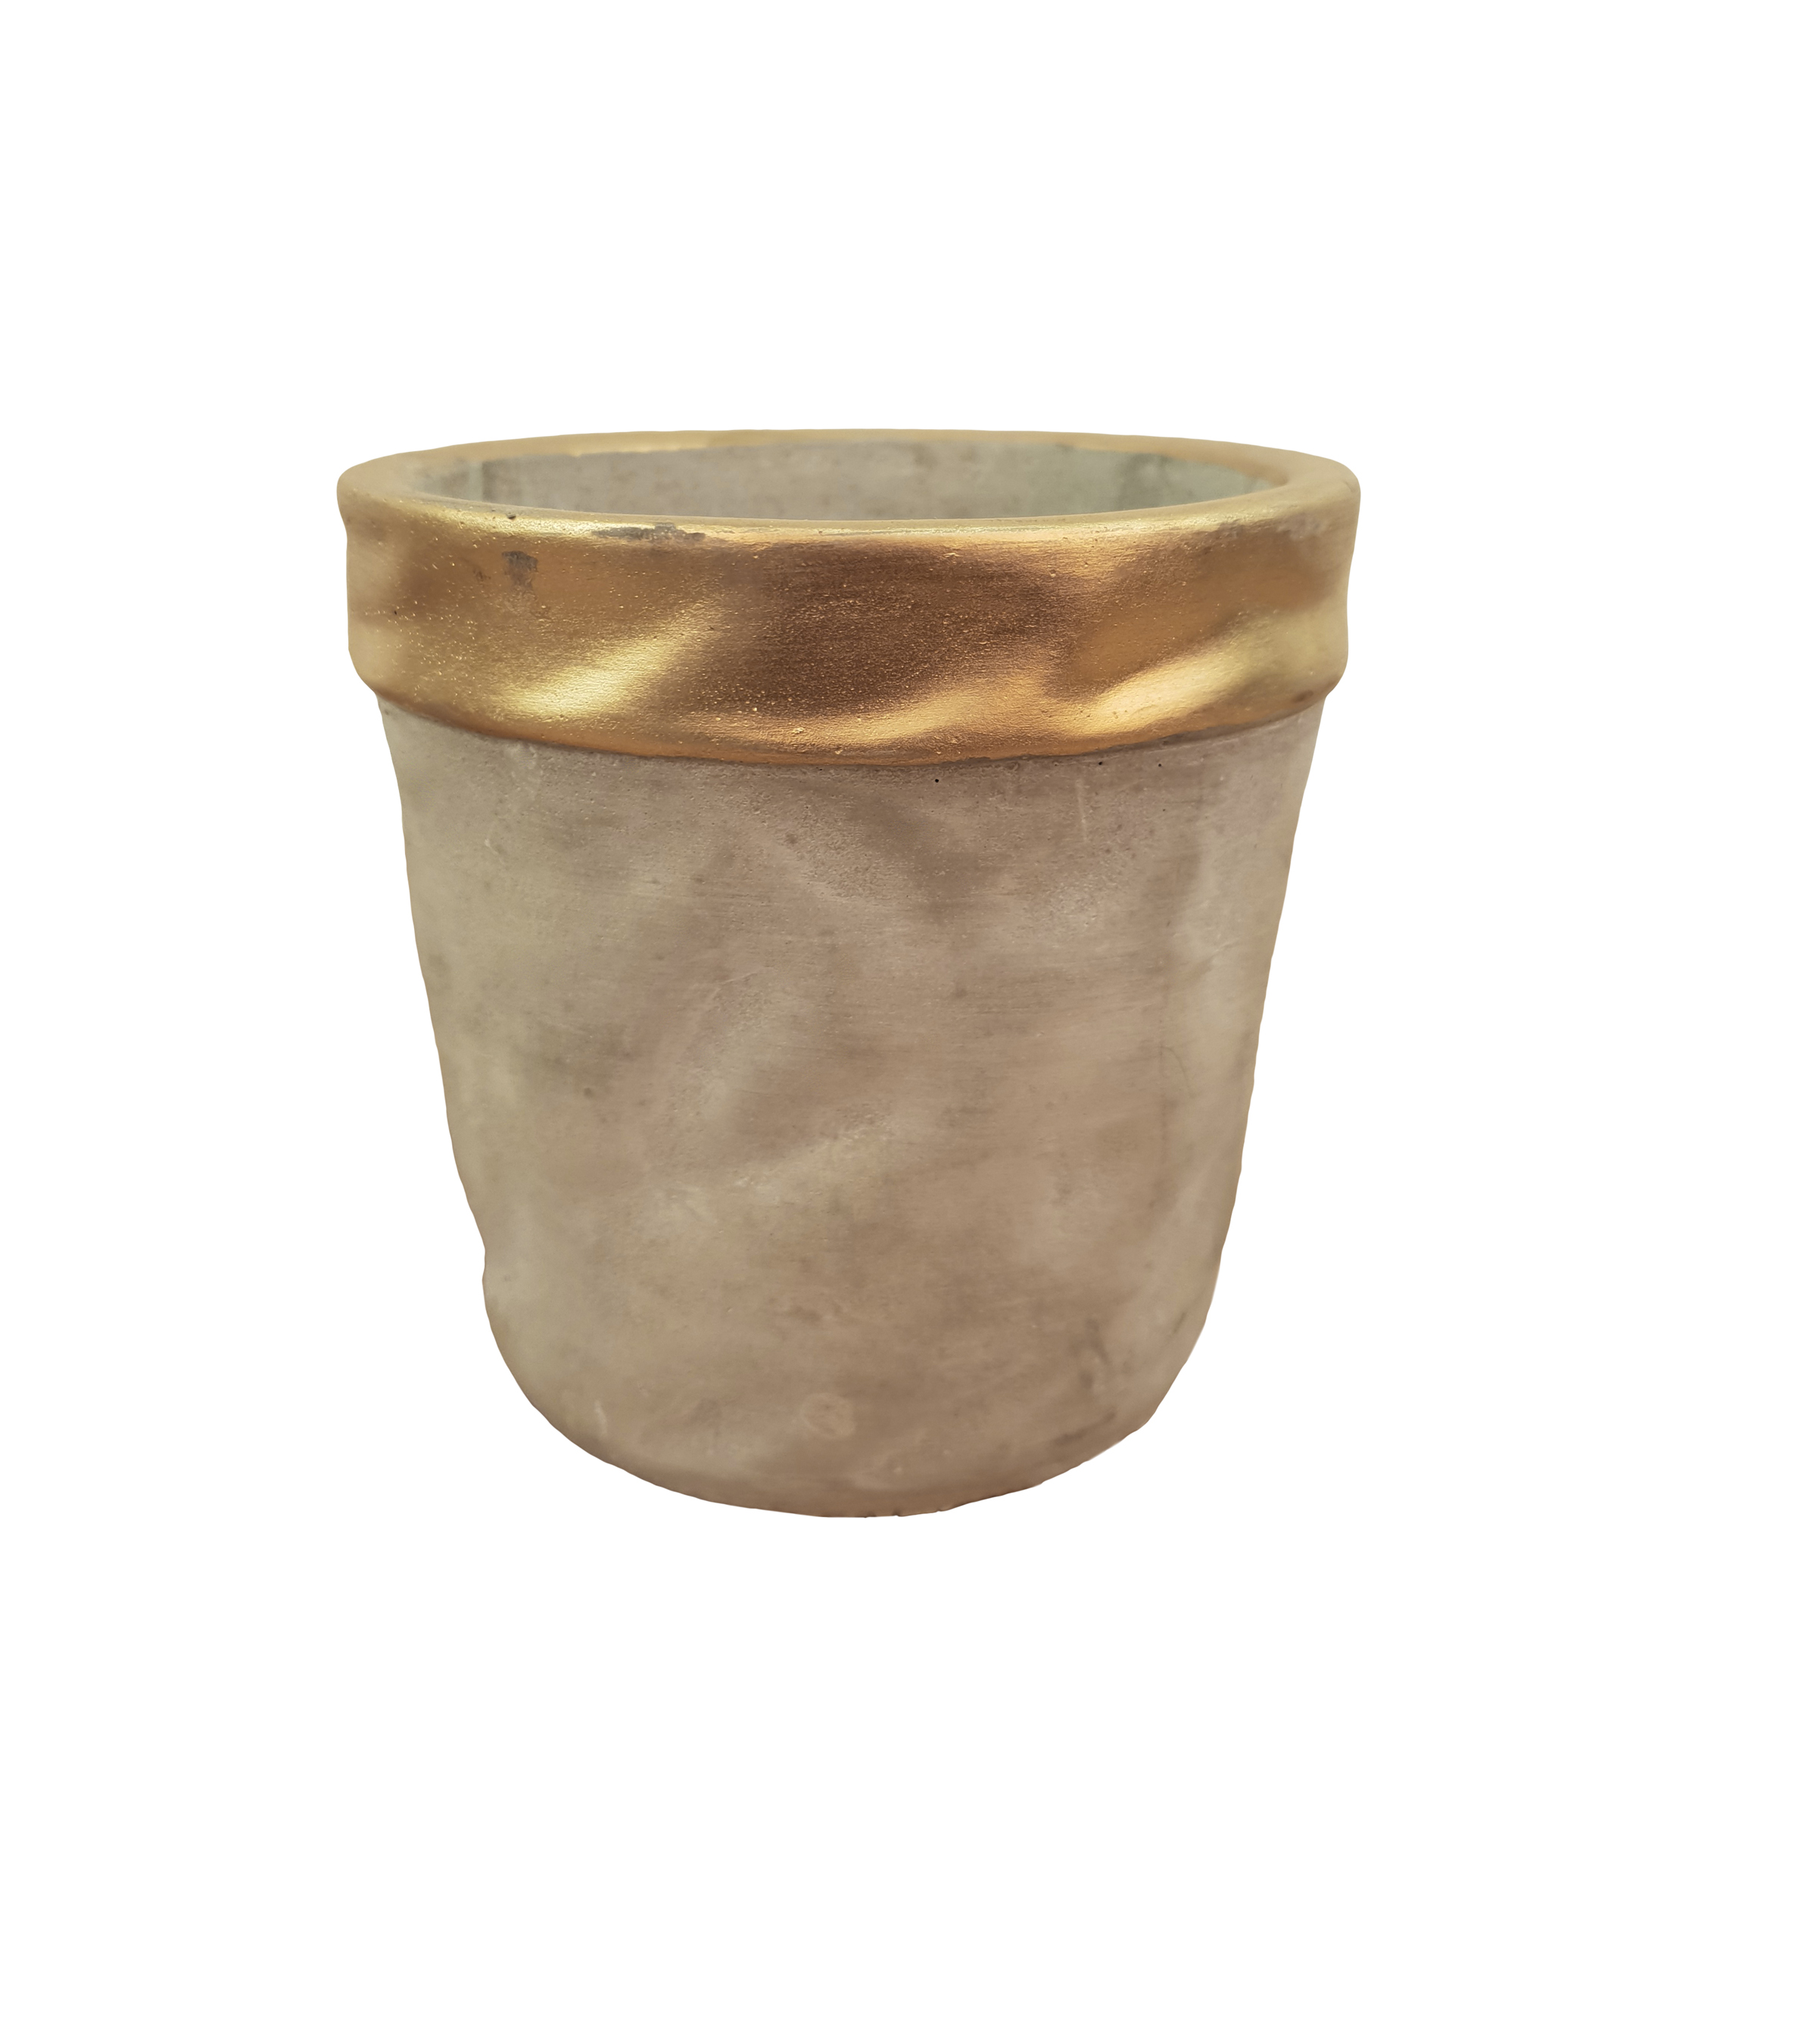 'Aurum edge' pot